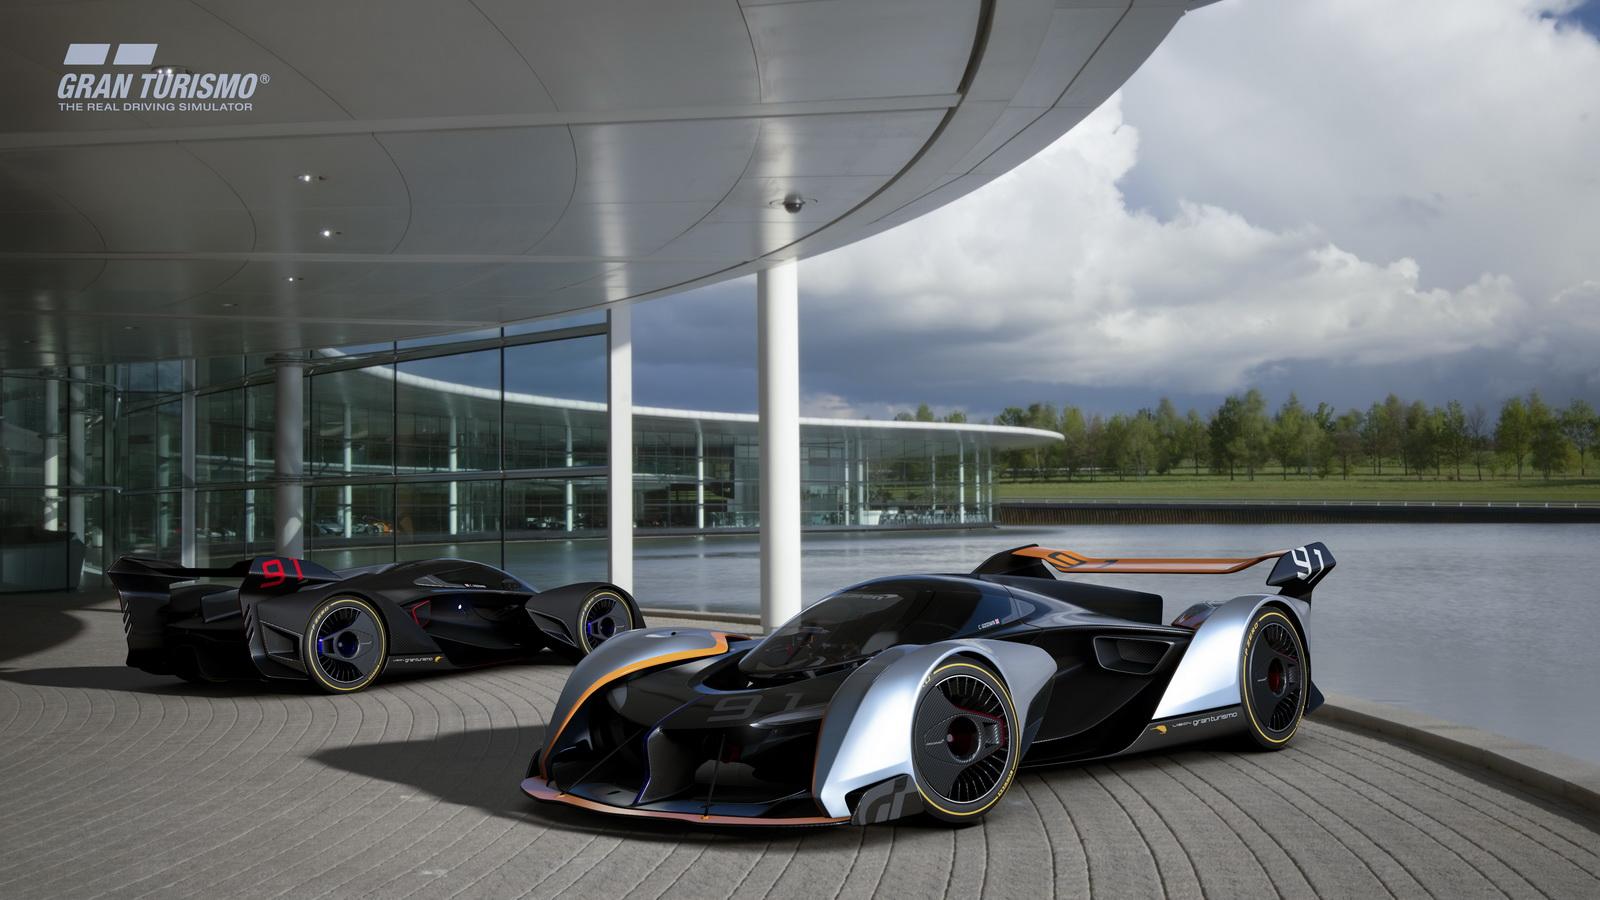 McLaren Gran Turismo Vision Concept